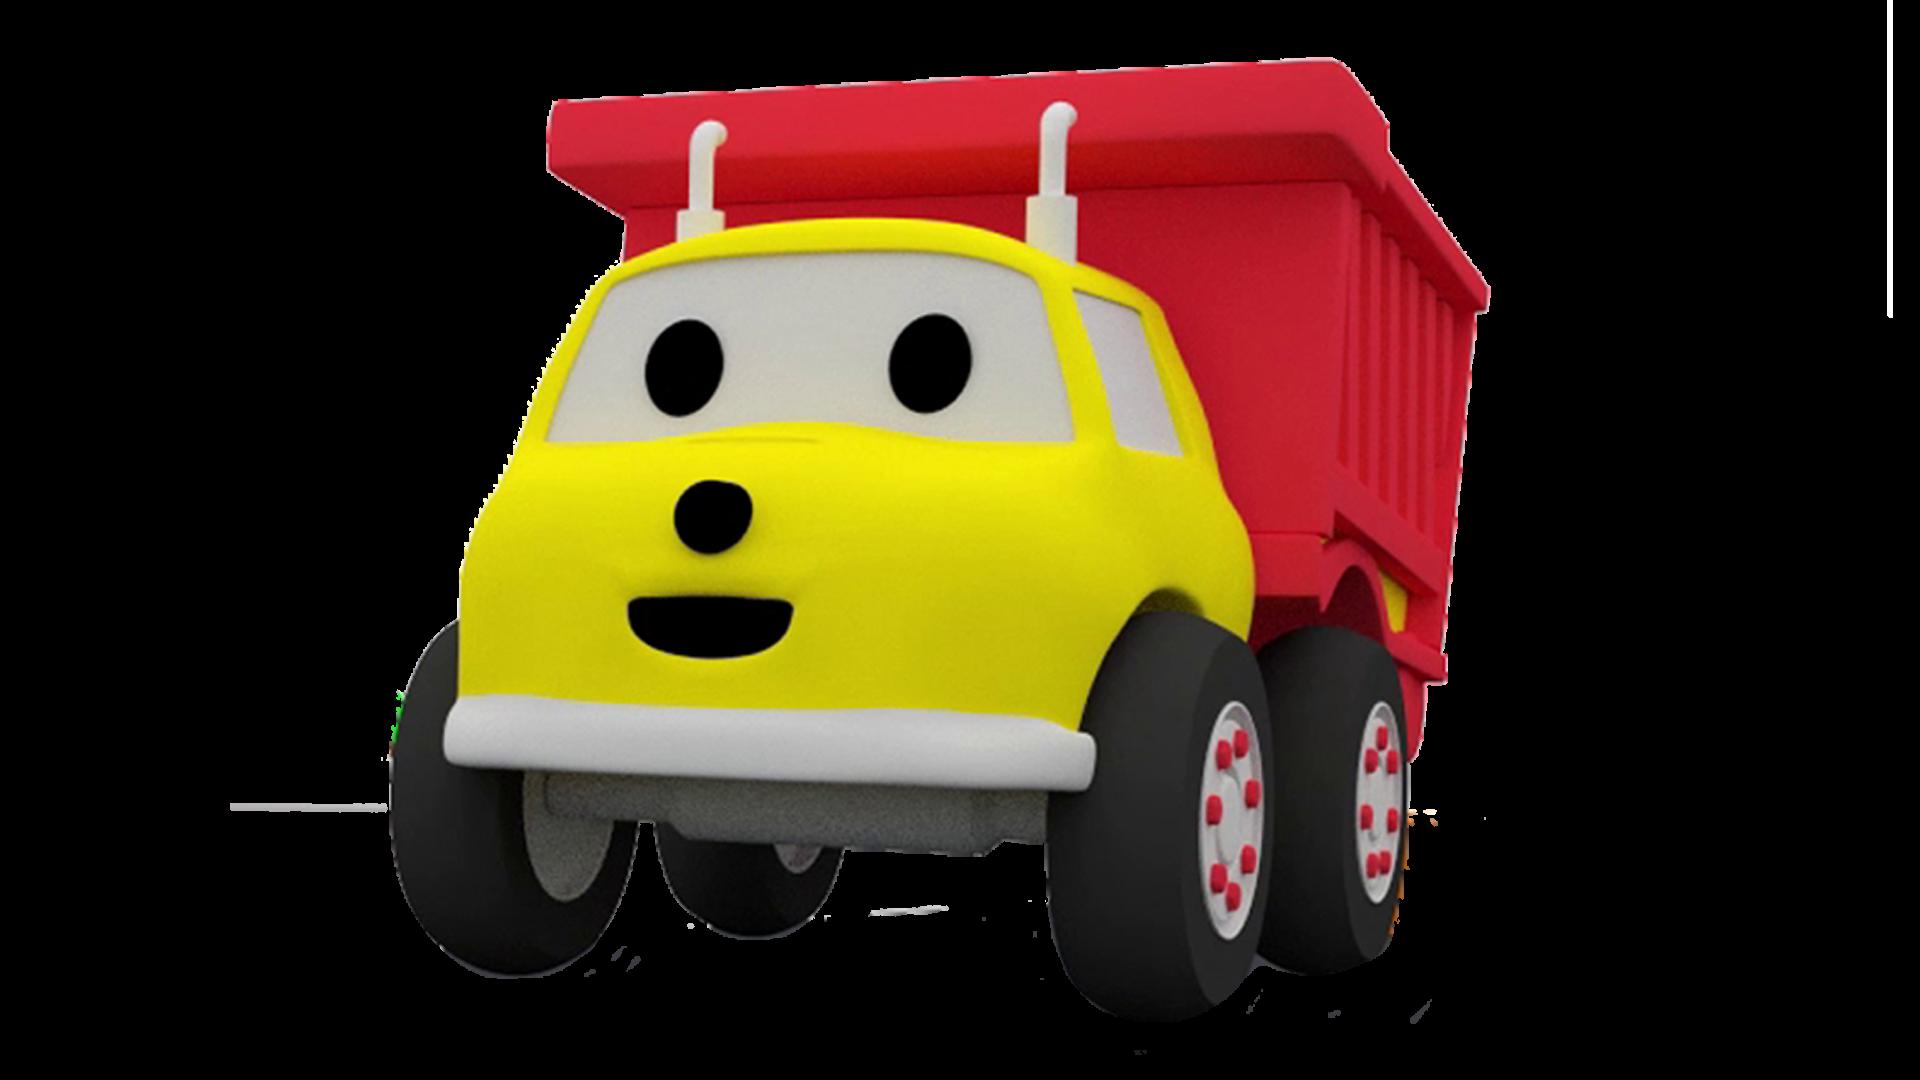 ethan the dump truck 52x3 u002730 romanian ep22 ethan romanian on